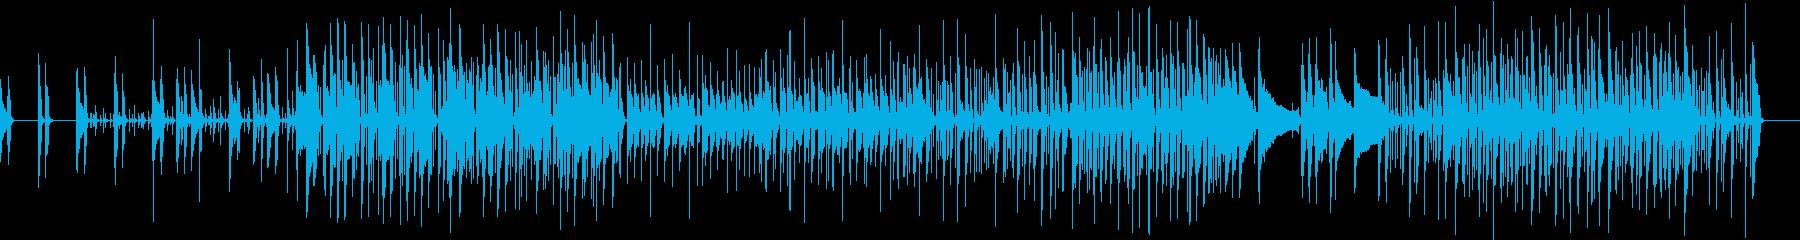 軽快な3ピースバンドのファンクの再生済みの波形